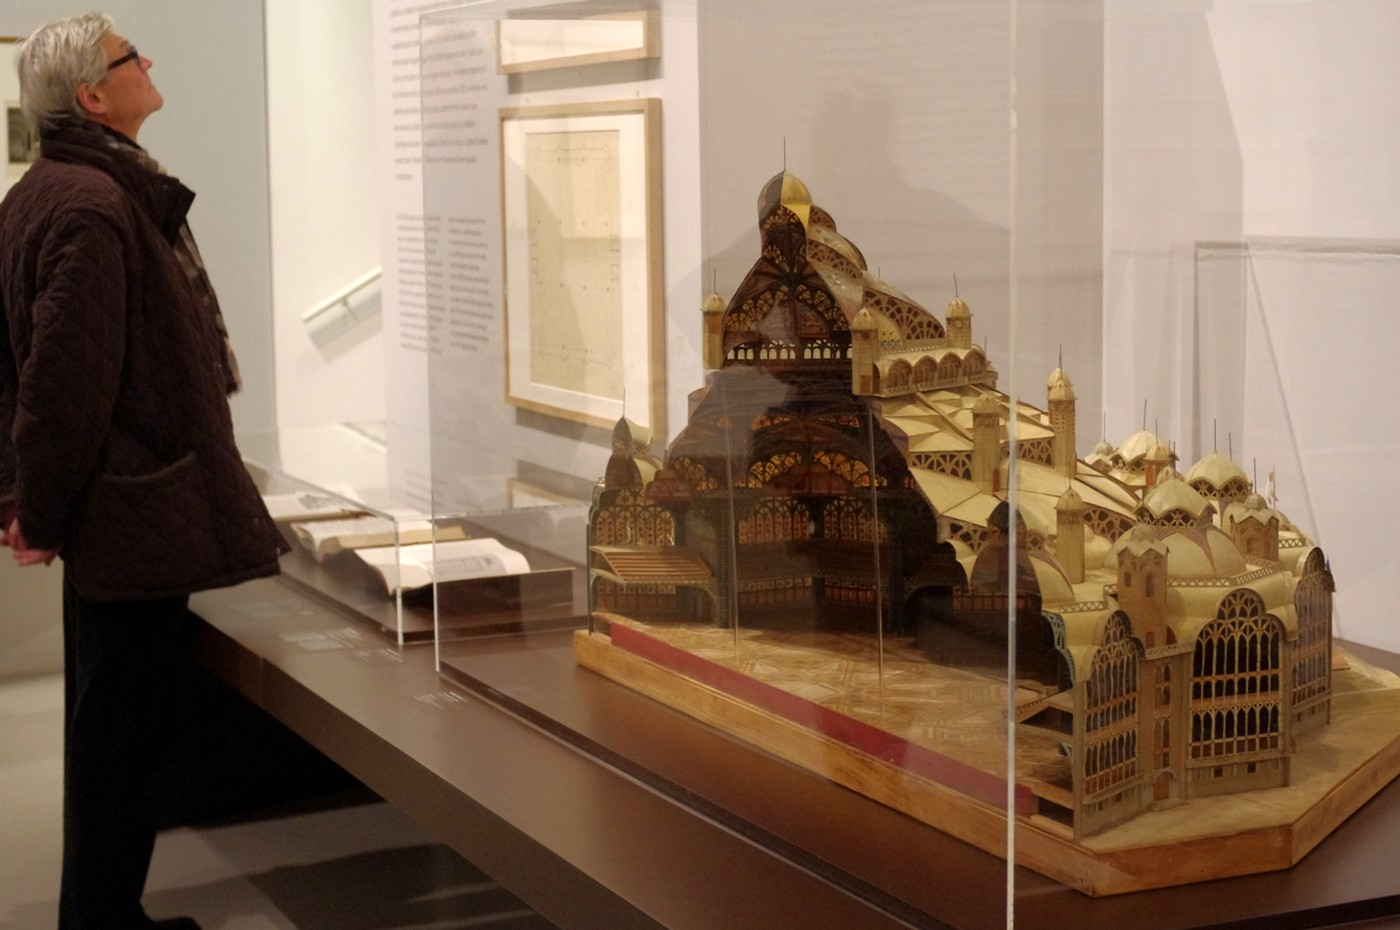 Modely staveb a studie interiérů tvořily na výstavě oblíbené exponáty. Kvidění byly rovněž architektovy skicáře a vmalém přeplněném kině byl promítán film o jeho životě